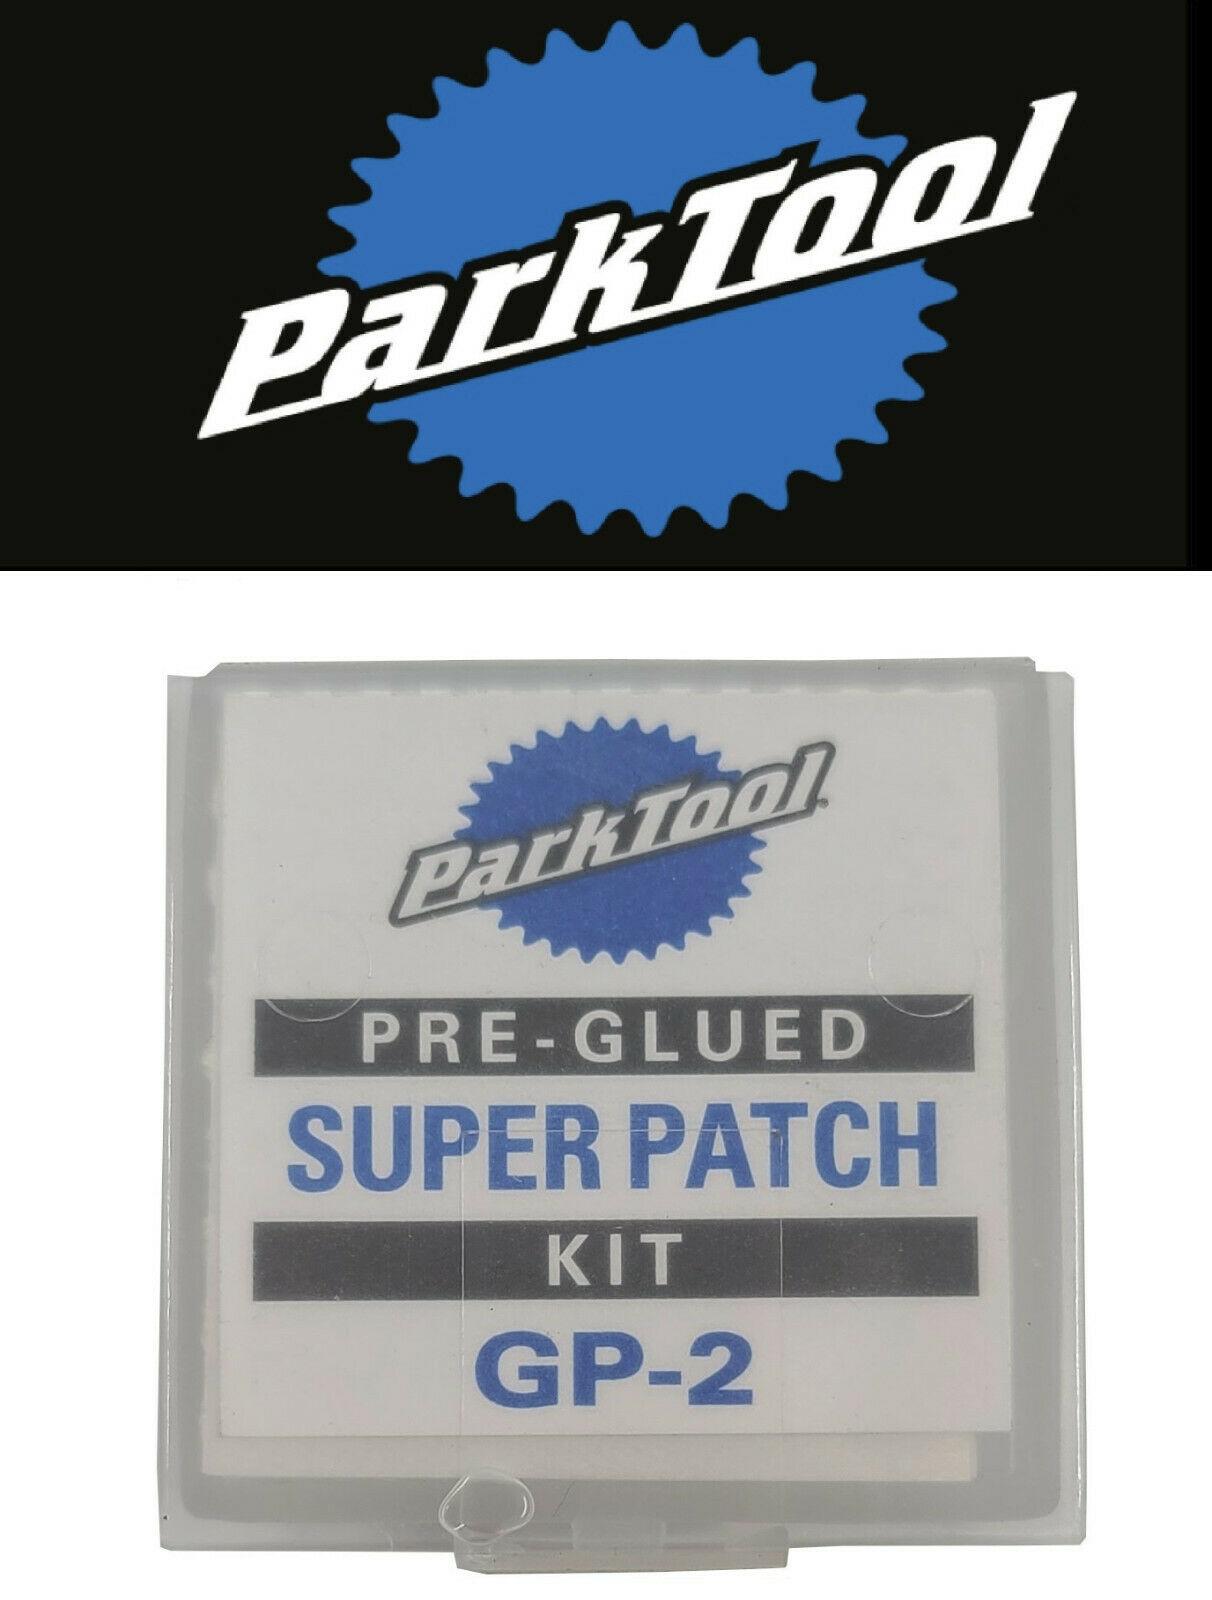 Kit de Patch GP-2-2